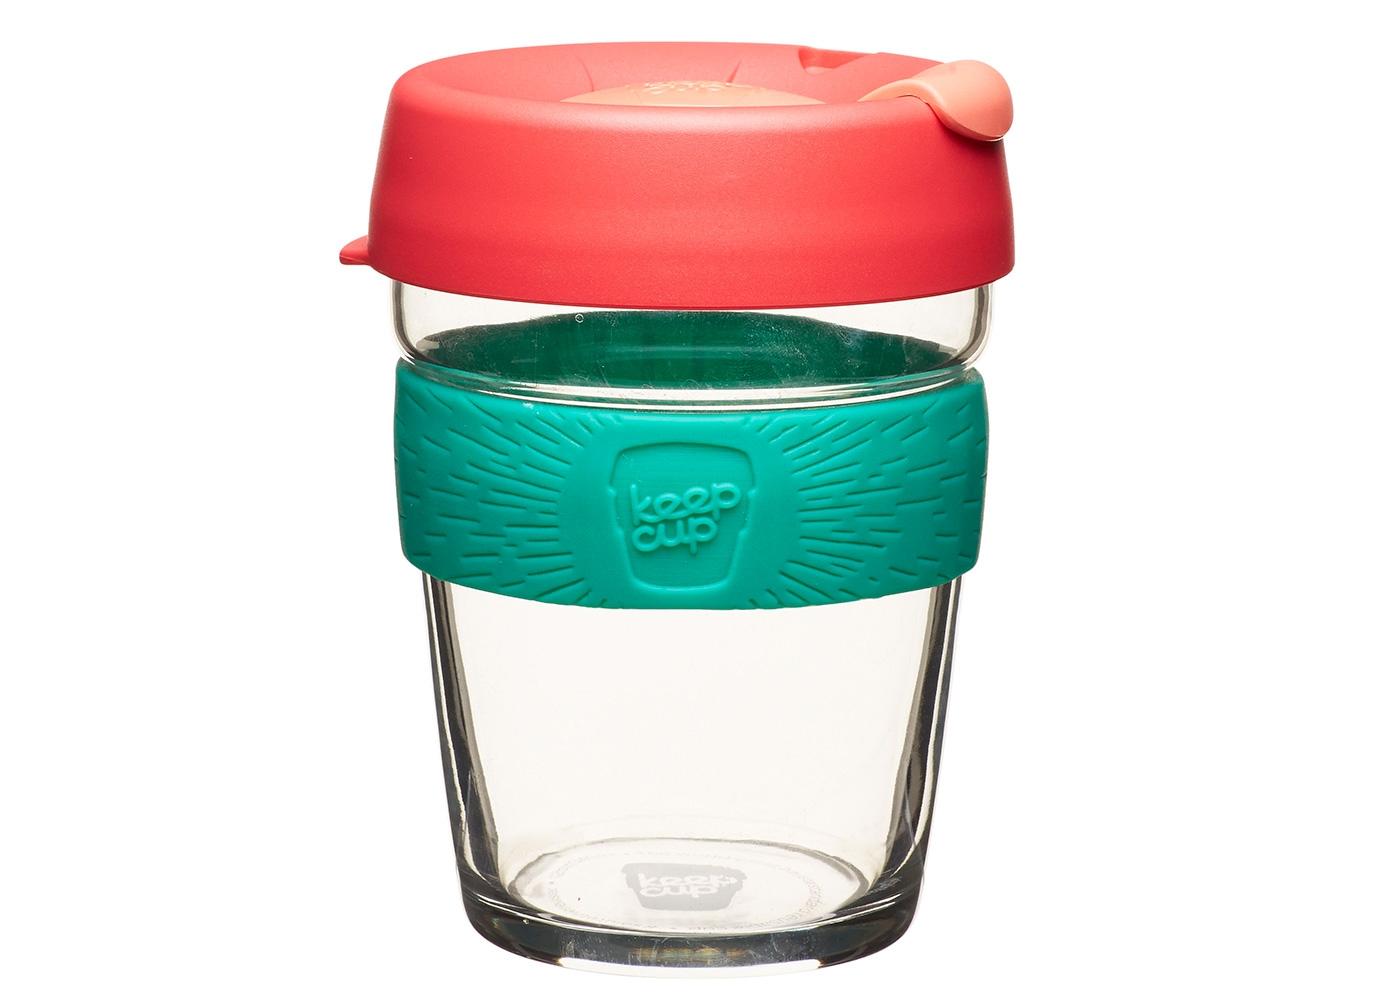 Кружка Keepcup figЧайные пары, чашки и кружки<br>Новая версия культовых кружек KeepCup со стенками из закаленного стекла и еще более удобной крышкой.&amp;amp;nbsp;<br>Кружка, созданная с мыслями о вас и о планете. Главная идея KeepCup – вдохновить любителей кофе отказаться от использования&amp;amp;nbsp;&amp;lt;div&amp;gt;одноразовых бумажных и пластиковых стаканов, так как их производство и утилизация наносят вред окружающей среде.&amp;amp;nbsp;&amp;lt;/div&amp;gt;&amp;lt;div&amp;gt;&amp;lt;br&amp;gt;&amp;lt;/div&amp;gt;&amp;lt;div&amp;gt;Специальная крышка с открывающимся и закрывающимся клапаном спасет от брызг, а силиконовый ободок поможет не обжечься (плюс, удобно держать кружку в руках.<br>Крышка сделана из нетоксичного пластика без содержания вредного бисфенола (BPA-free). Корпус - из закаленного стекла, устойчивого к термическому и механическому воздействию. Разработана и произведена в Австралии.&amp;lt;div&amp;gt;&amp;lt;br&amp;gt;&amp;lt;/div&amp;gt;&amp;lt;div&amp;gt;Объем 340 мл.&amp;lt;/div&amp;gt;&amp;lt;/div&amp;gt;<br><br>Material: Стекло<br>Height см: 13<br>Diameter см: 8.8